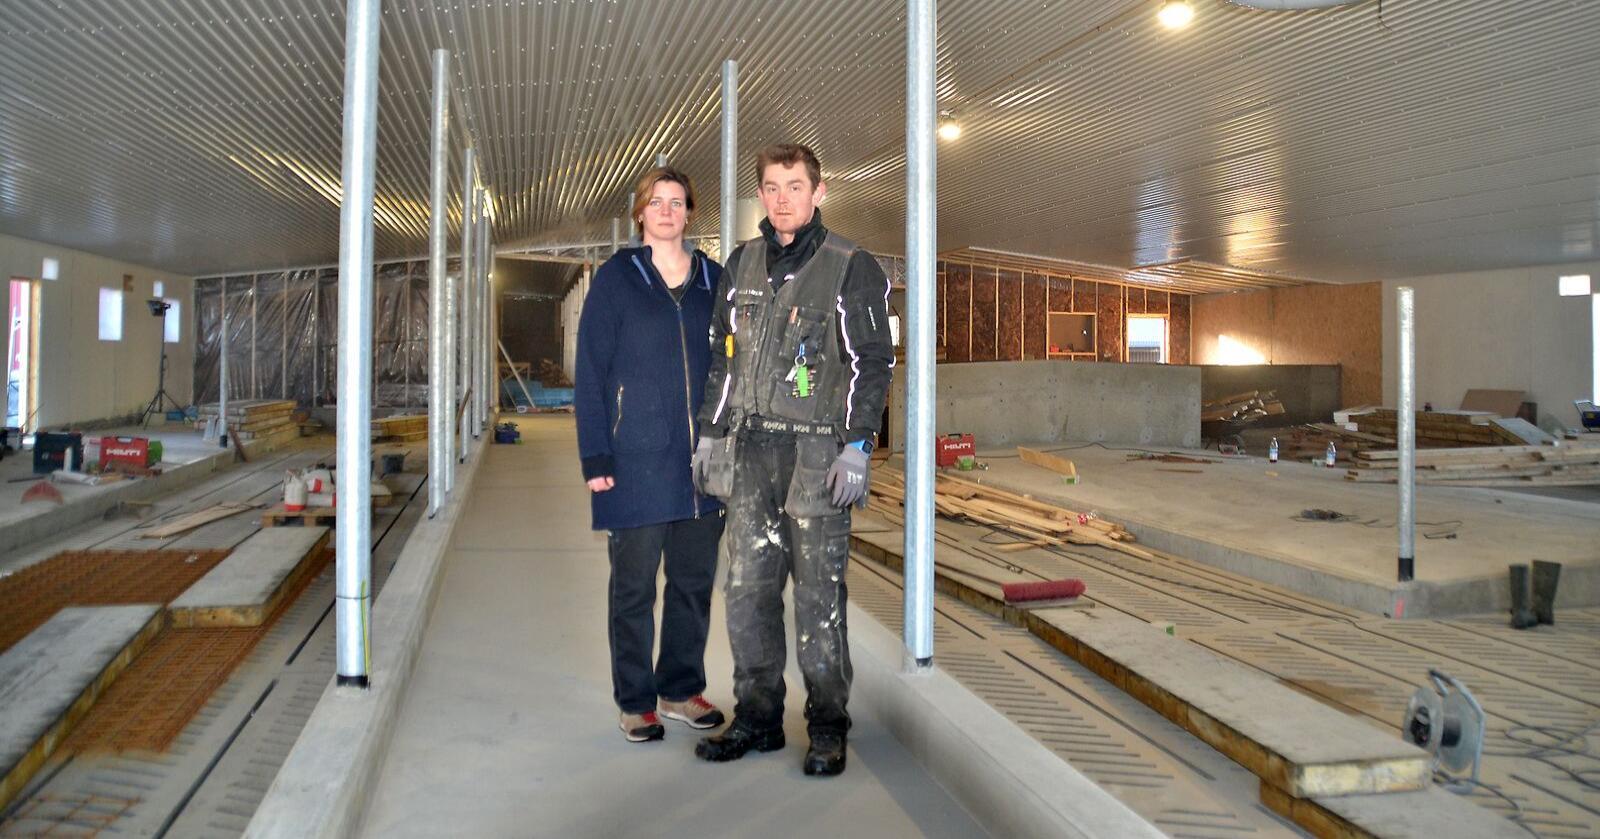 Torill Sværd og Bjørn Tore Lindset driver melkeproduksjon i Steinkjer. trodde de hadde levert søknaden innen fristen, men den var ikke gått gjennomBildet er tatt under om- og påbygging til lausdrift. (Foto: Privat)